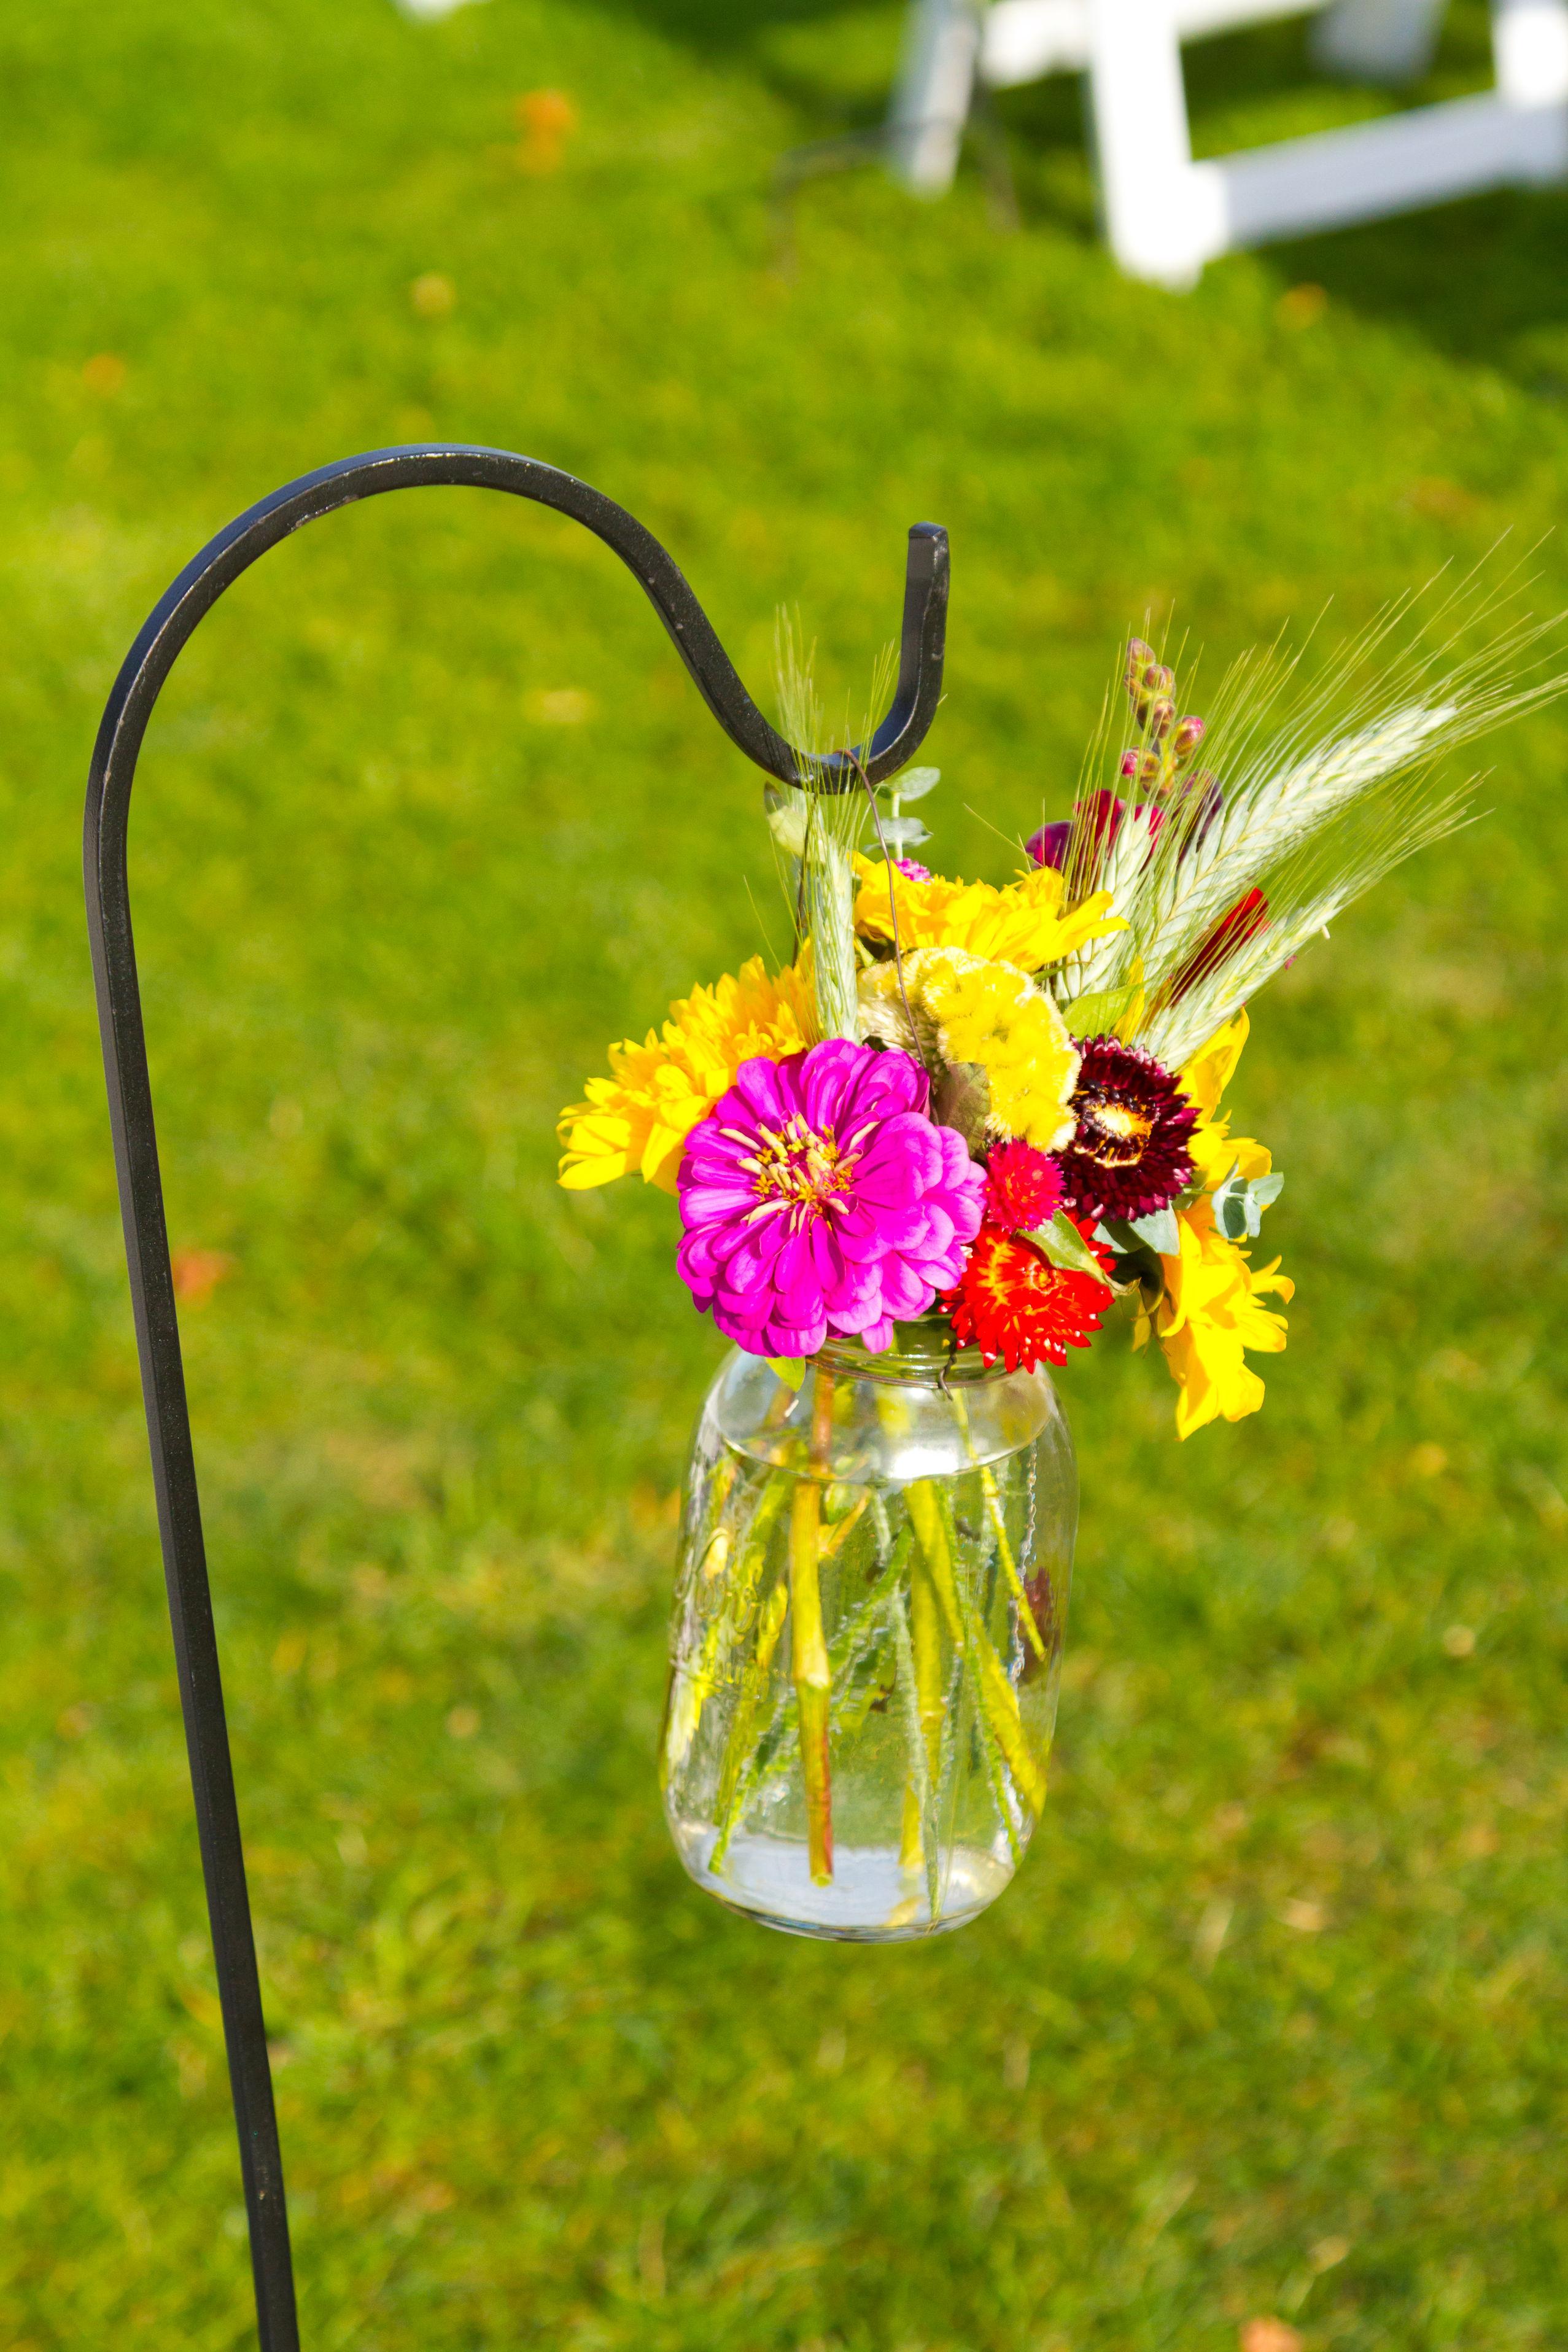 bouquet dans un bocal suspendu